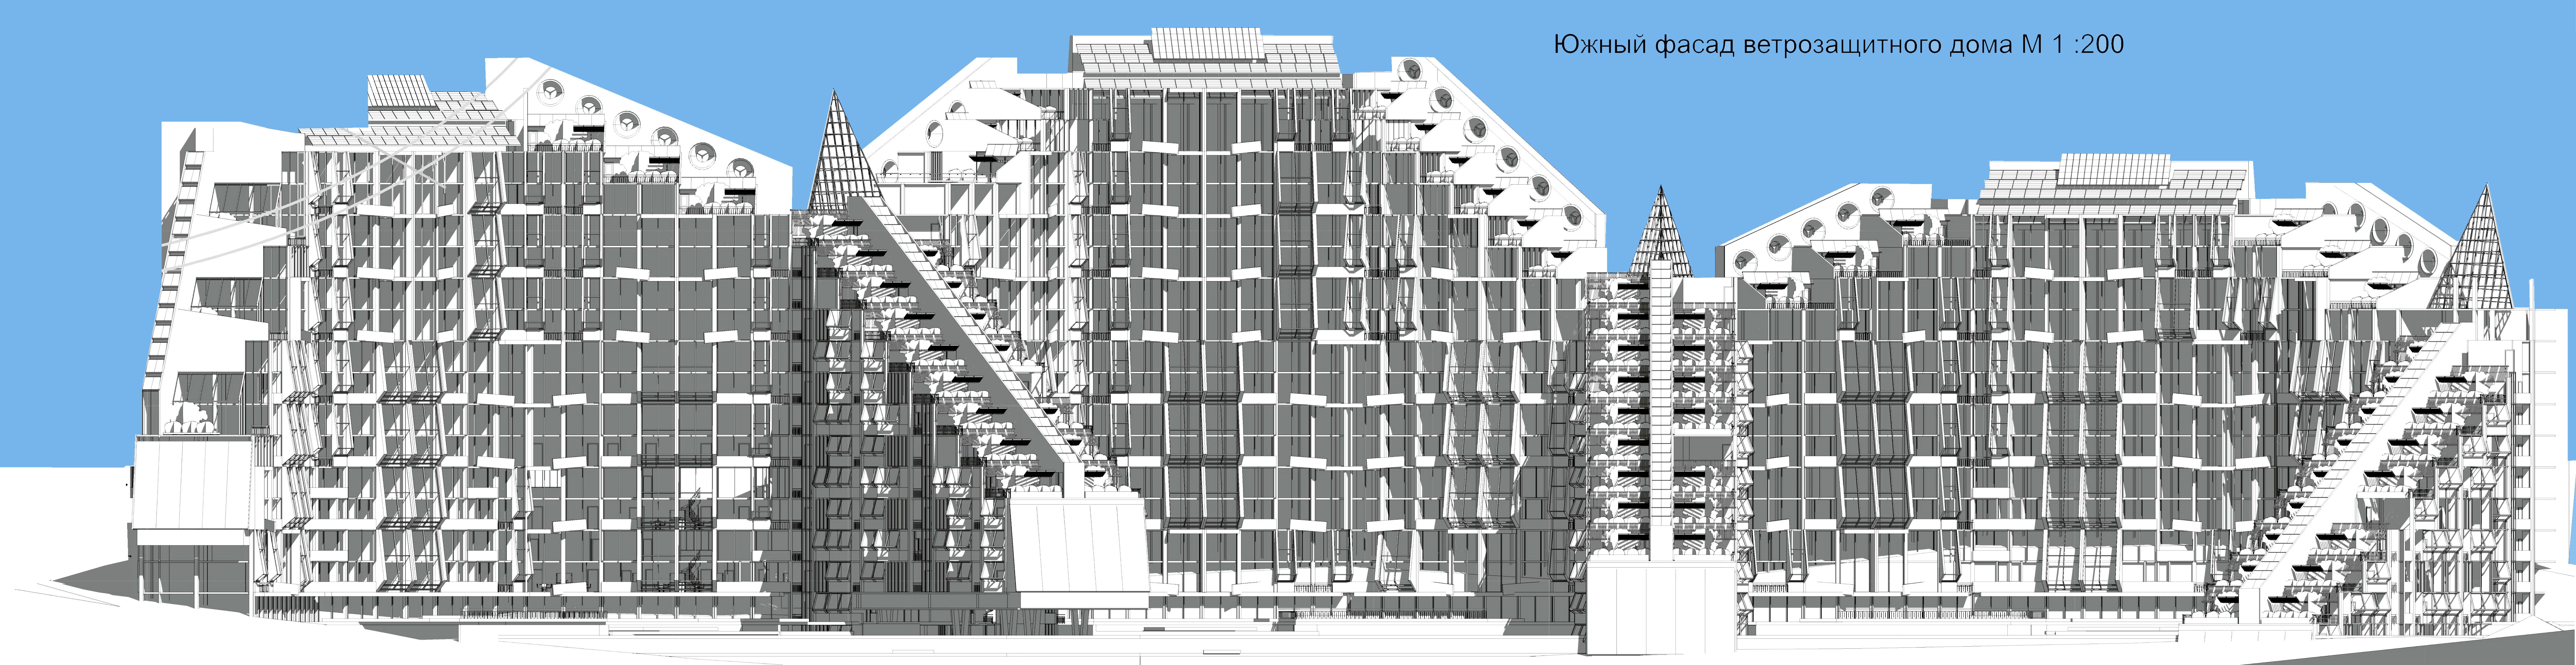 СРЕДА ОБИТАНИЯ ЭКОДОМА solar Ветрозащитные многоэтажные жилые здания еще одна актуальная тема для города В домах галерейного типа квартиры в два уровня смотрят на юг